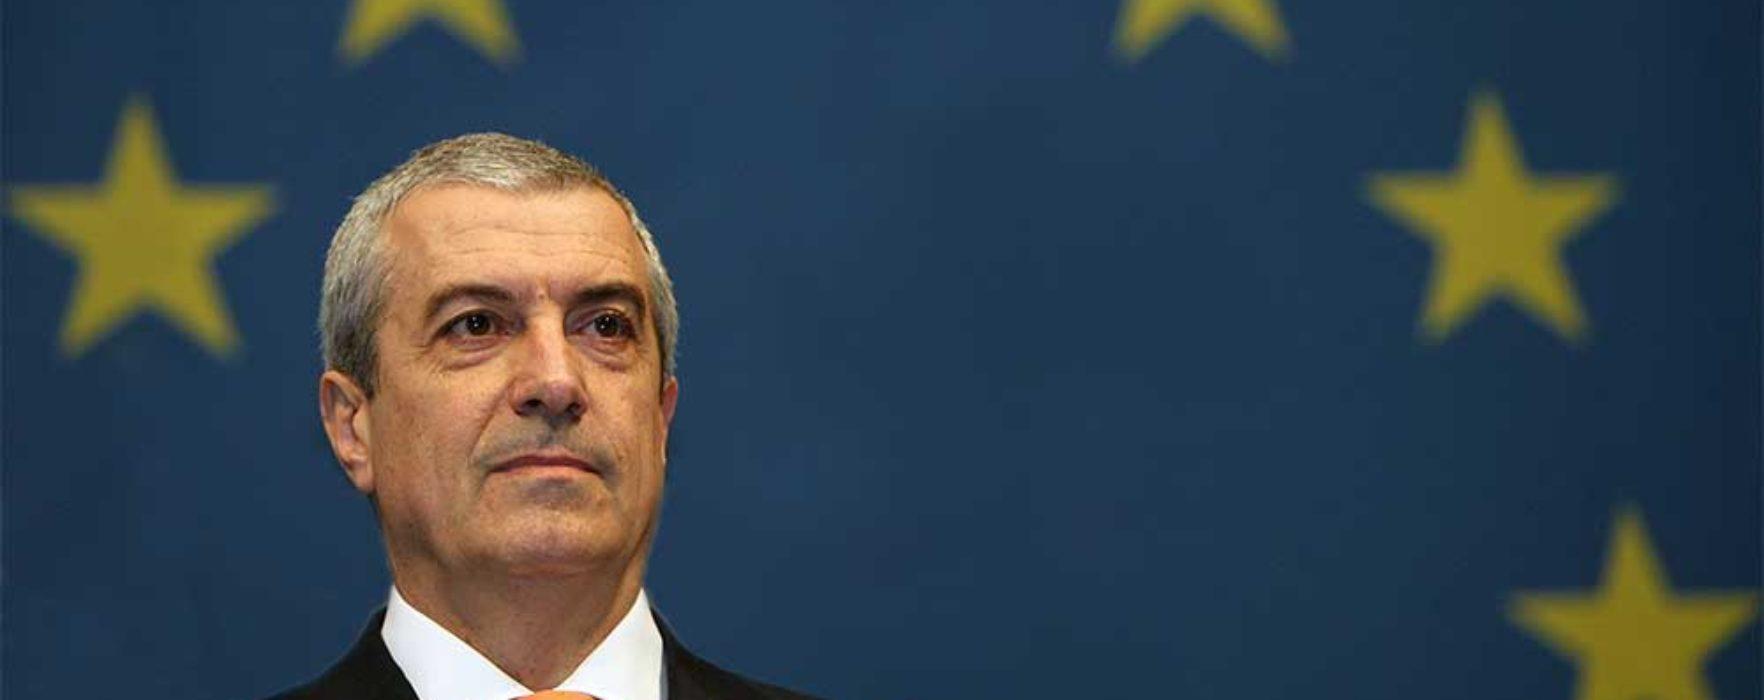 Tăriceanu le propune partidelor parlamentare un acord pentru susţinerea consensuală a priorităţilor României în noul PE